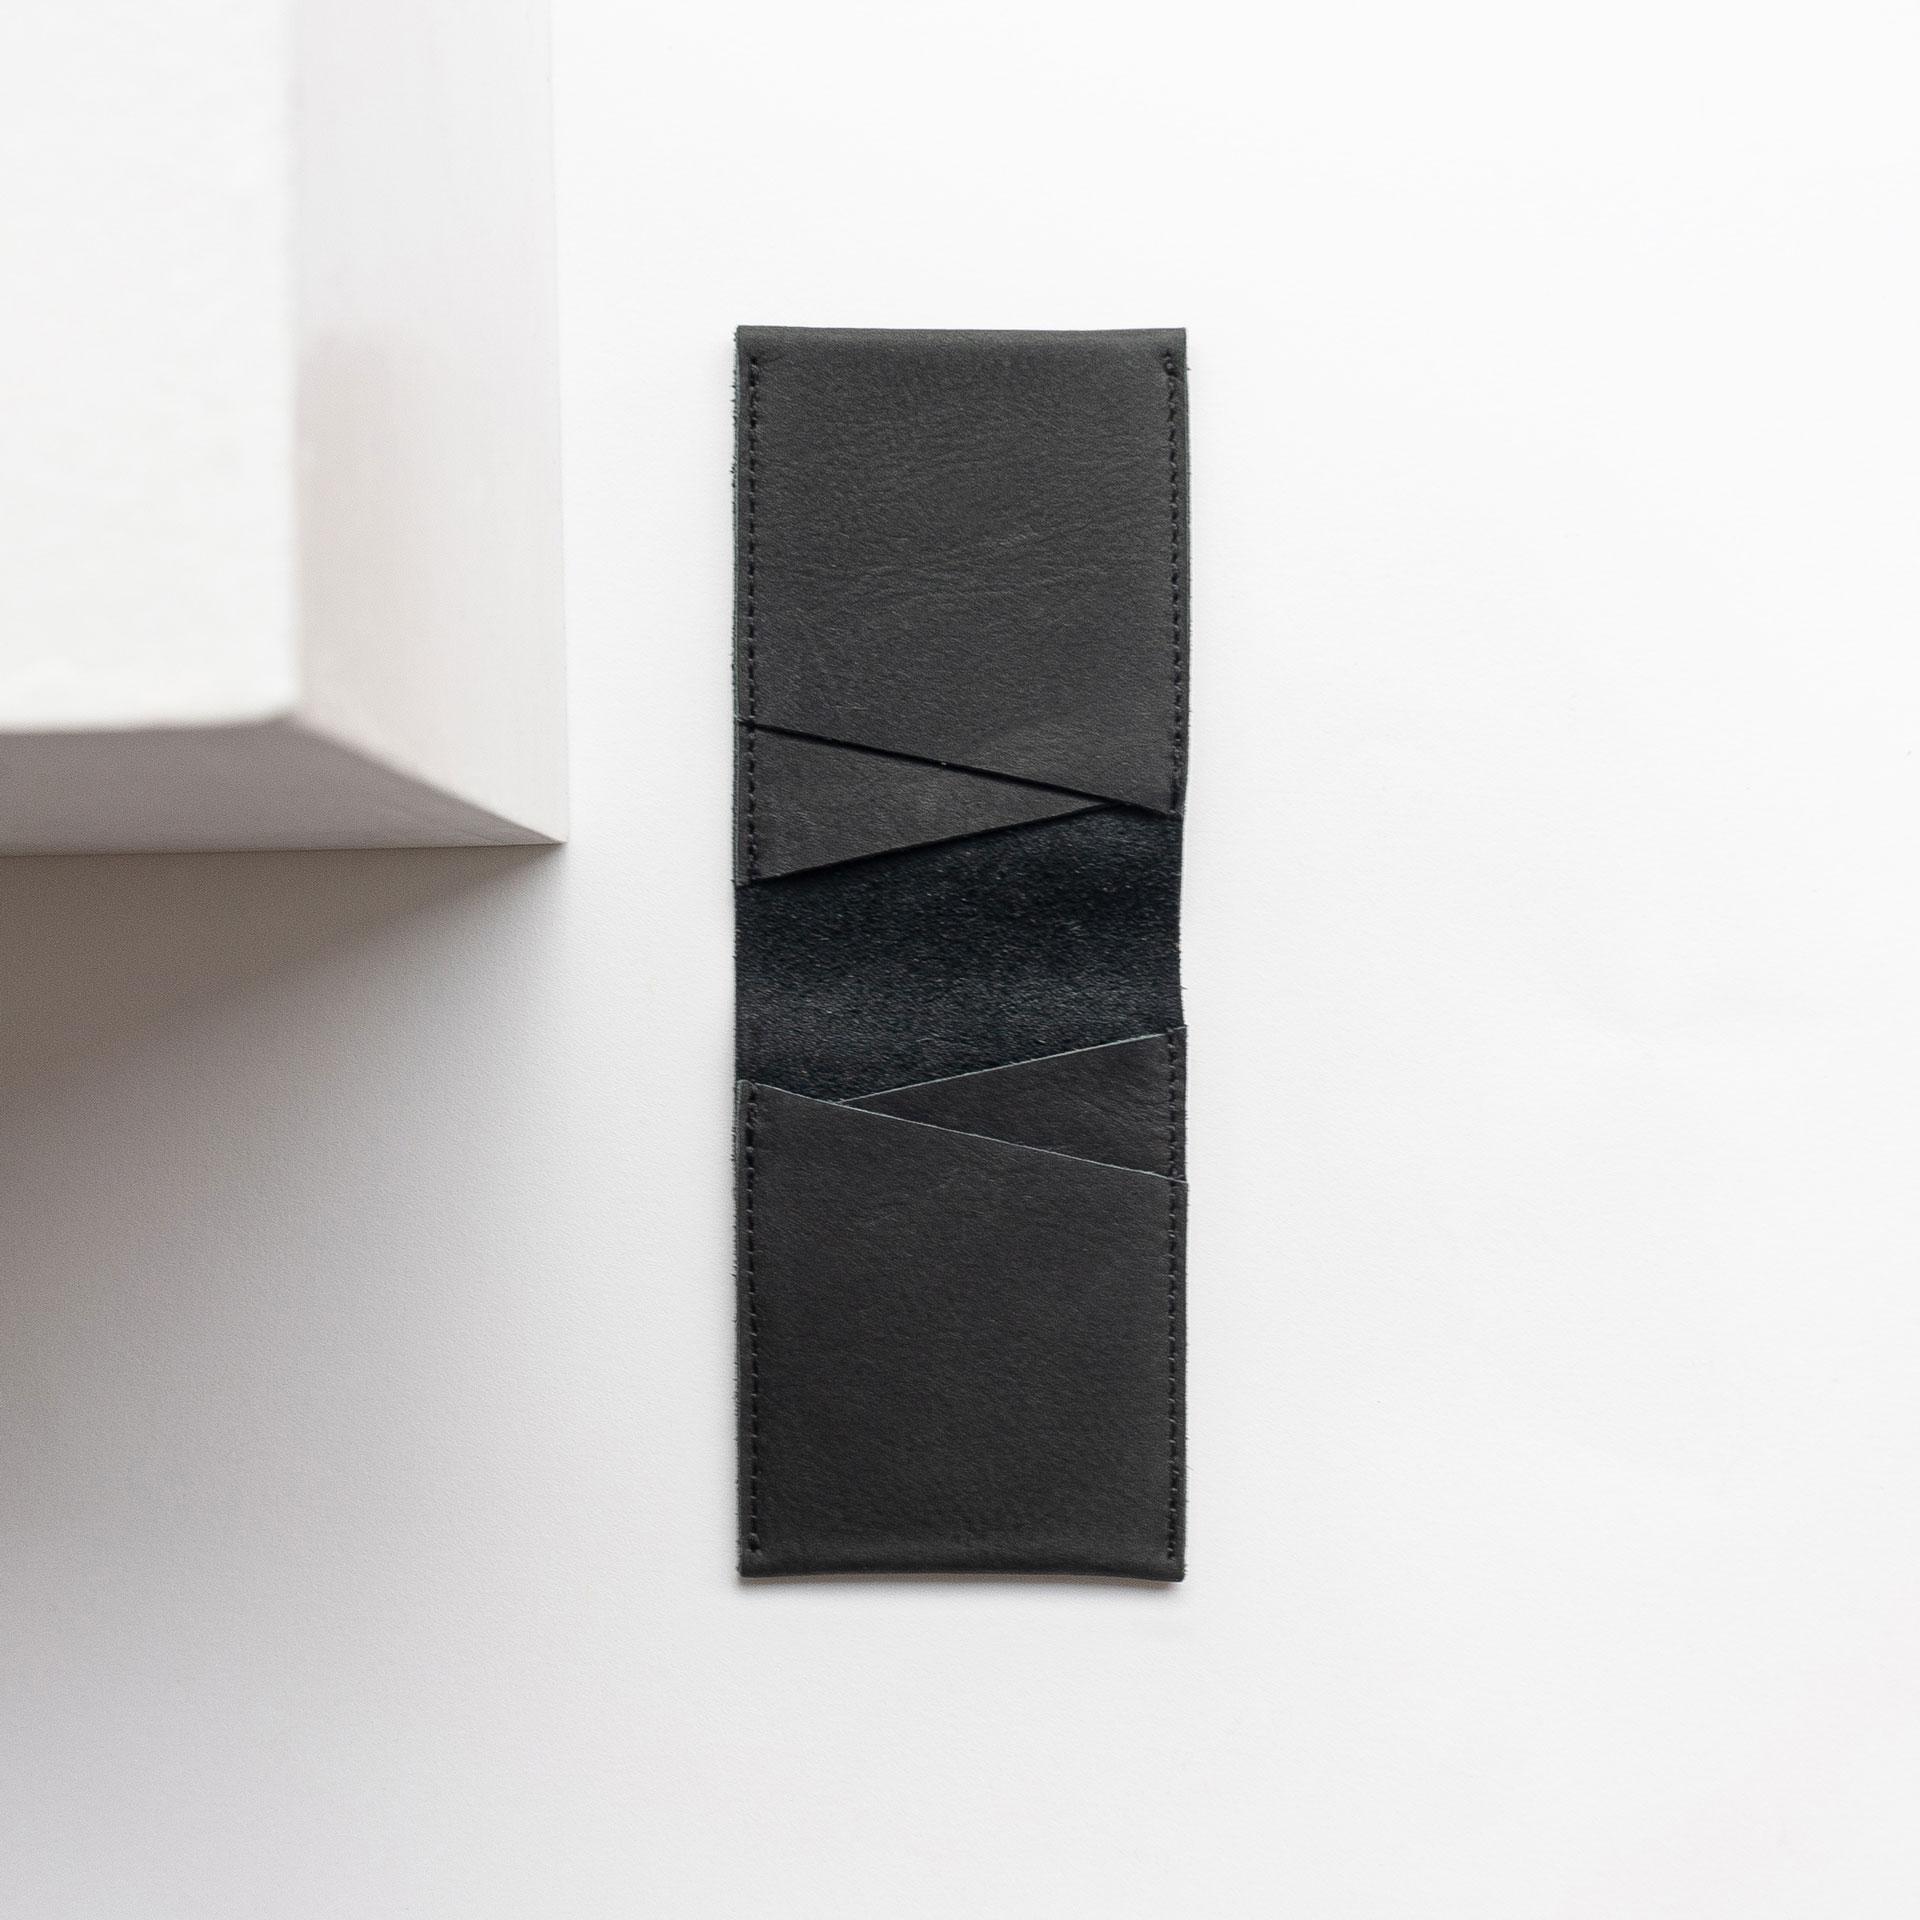 portemonnaie OLI Small in Kohle aus Naturleder